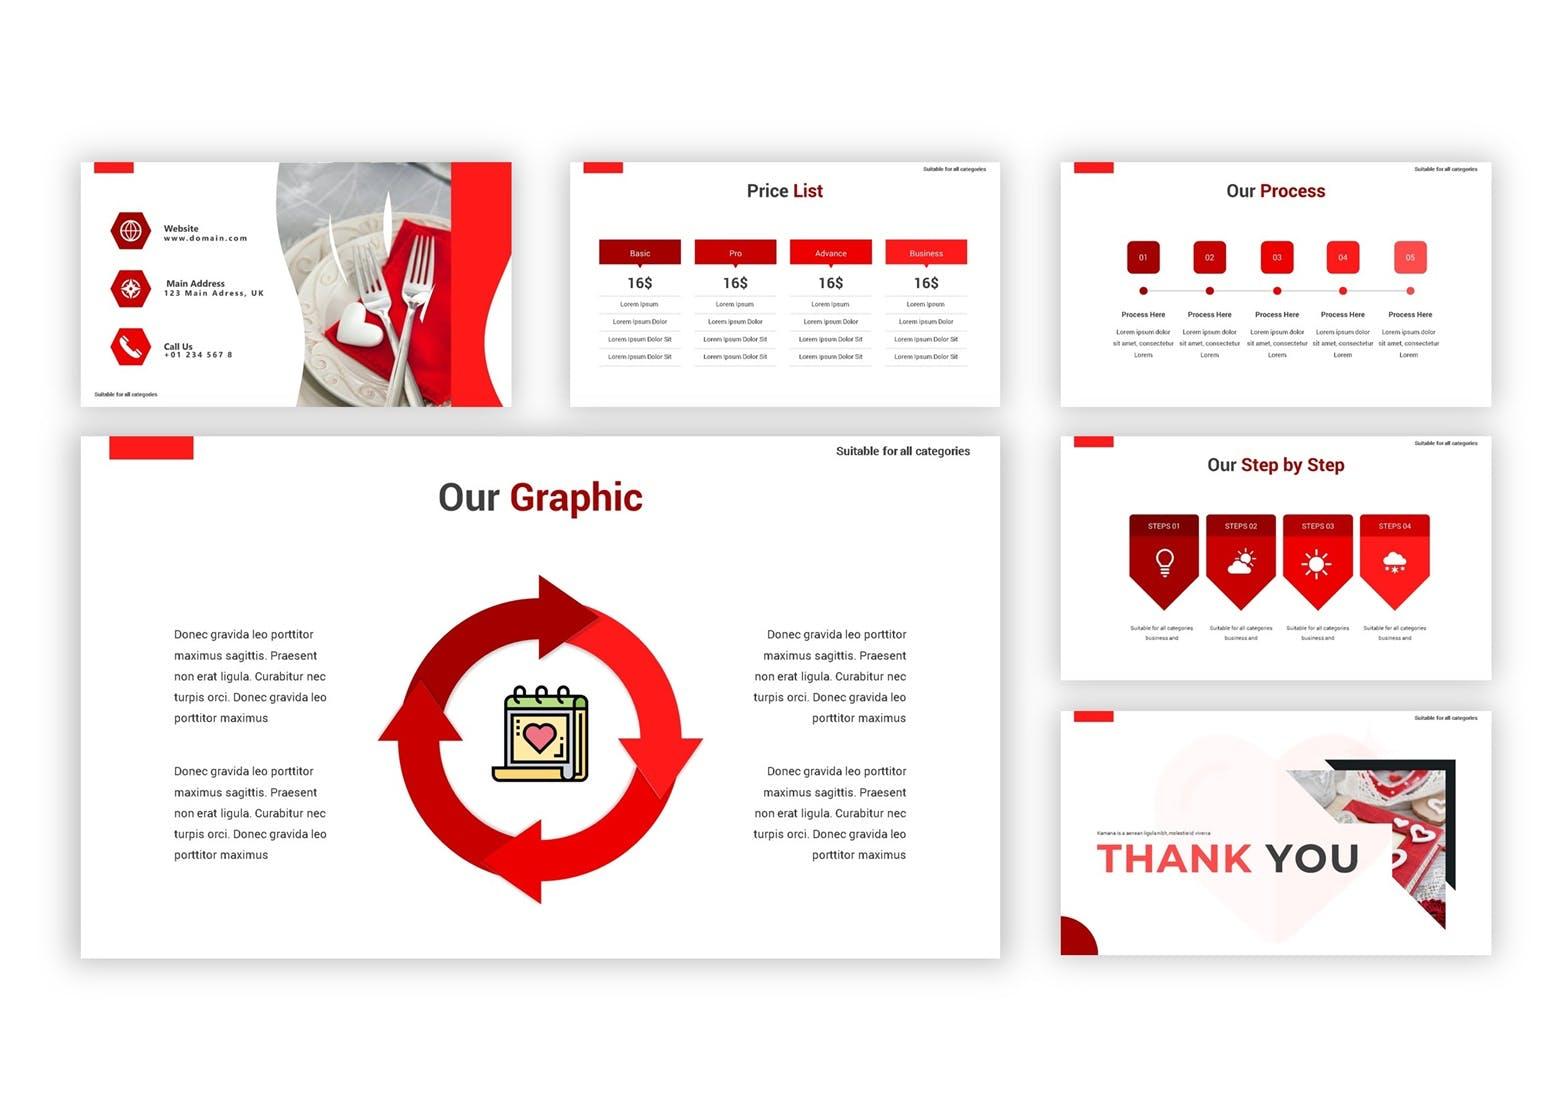 产品市场调研数据集PPT幻灯片模板下载Valentine Google Slides Template插图(1)